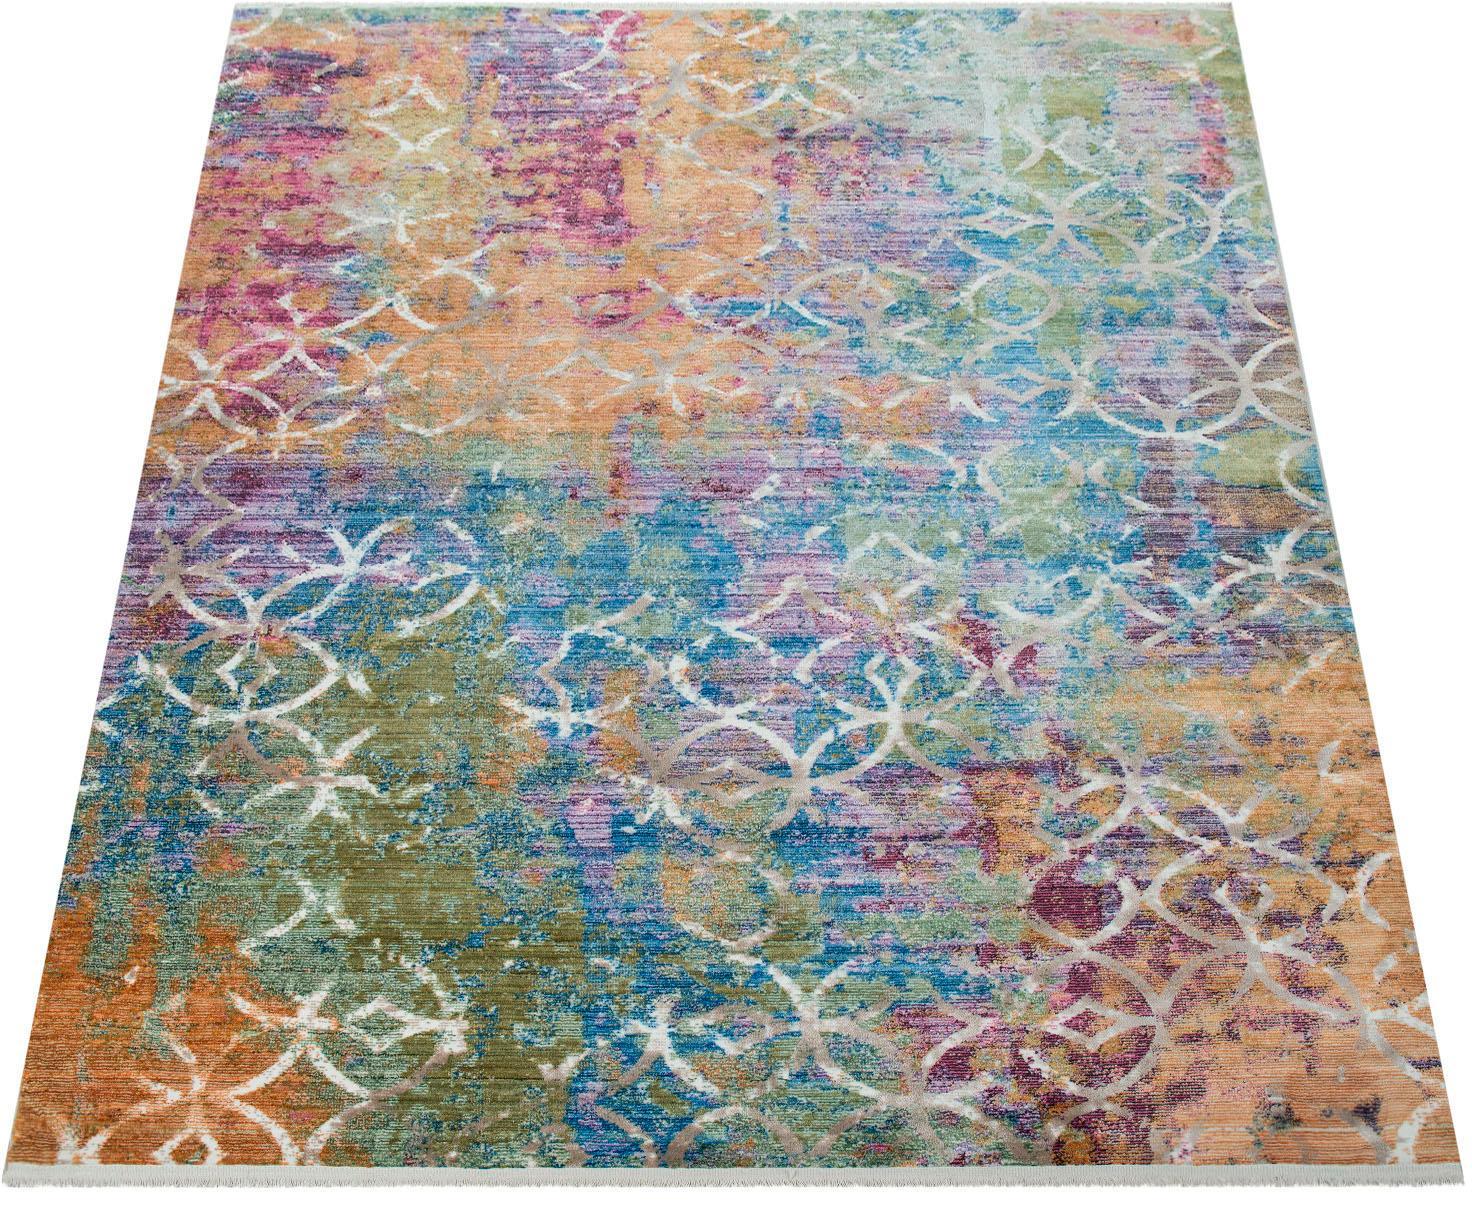 Teppich Picta 113 Paco Home rechteckig Höhe 12 mm maschinell gewebt